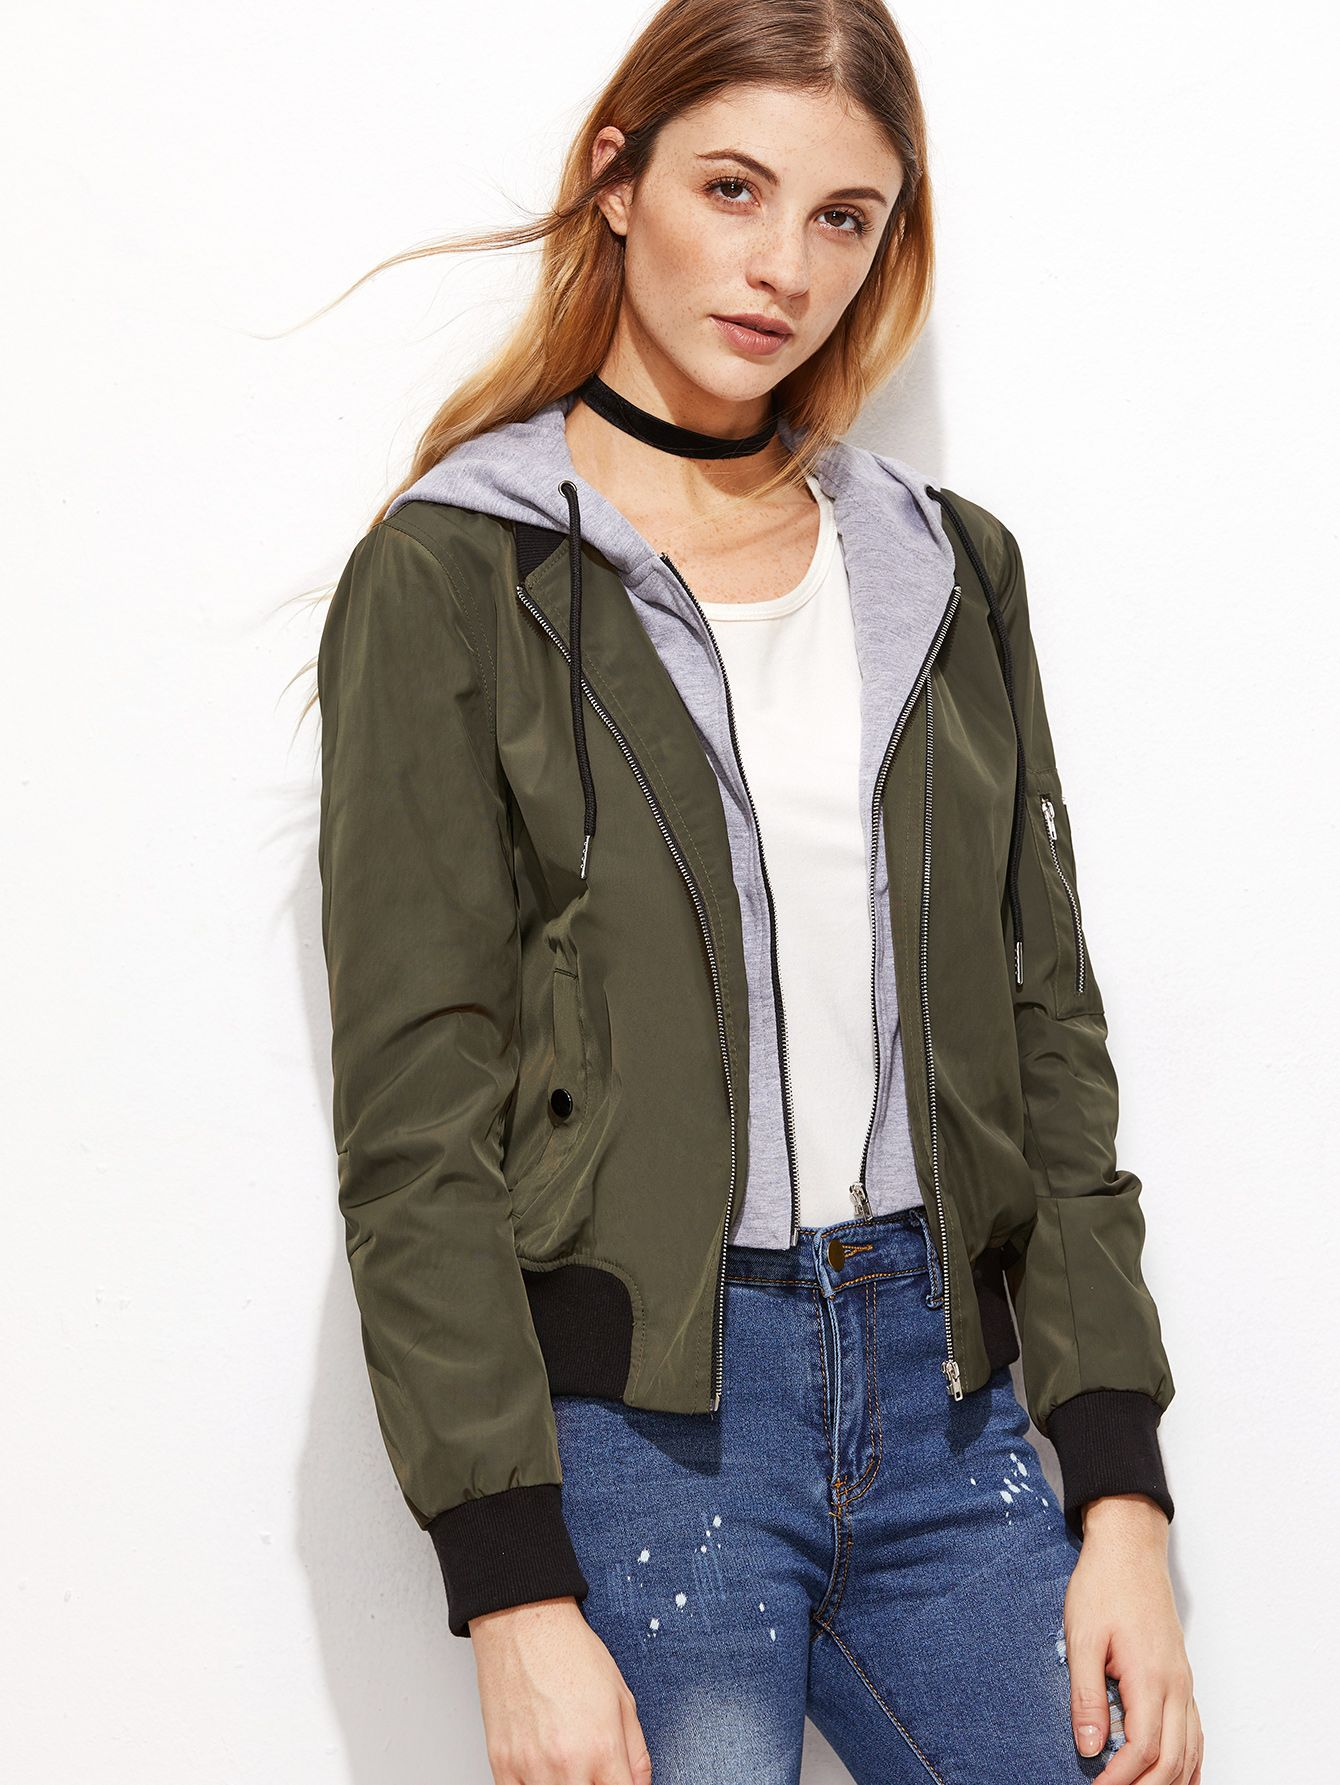 jacket161026707 2 Moda Asiática d91574cdec1